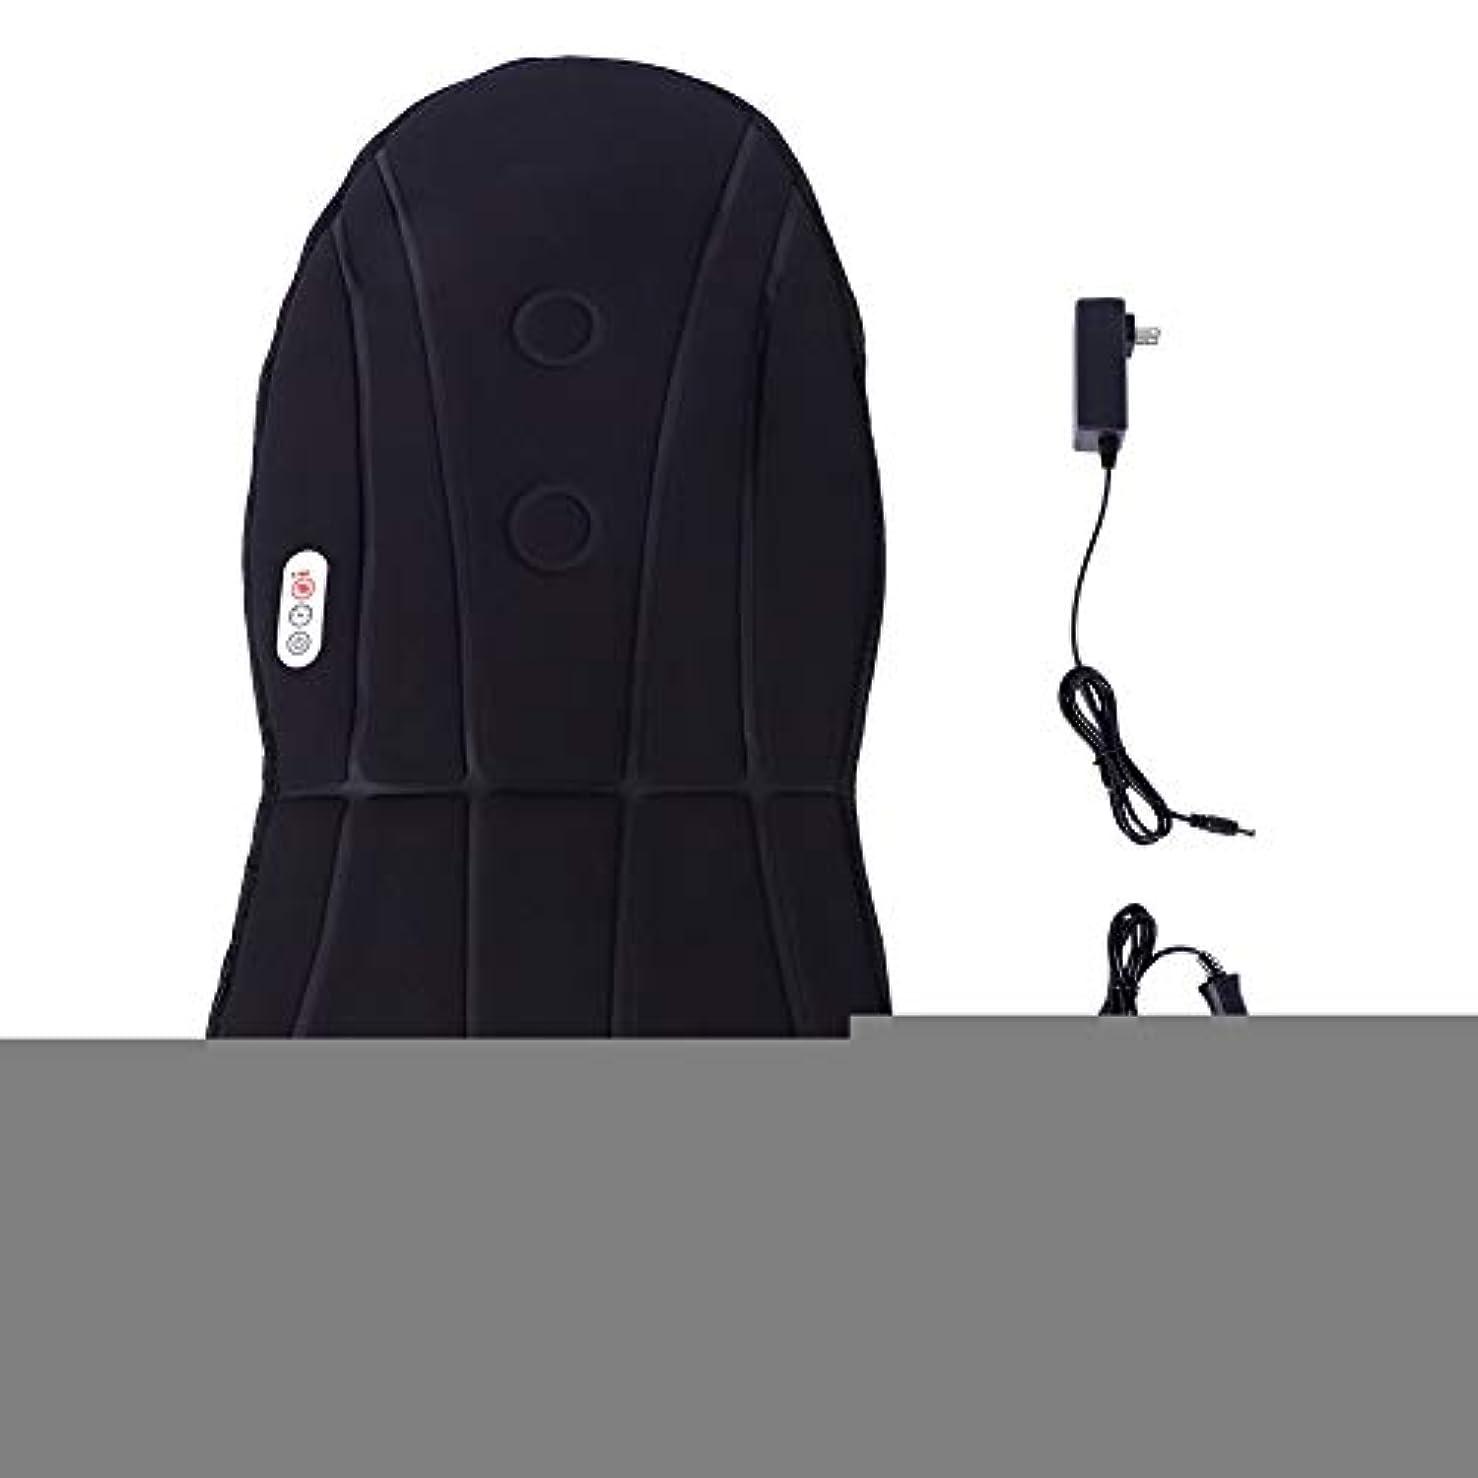 インカ帝国パース平等バックマッサージと首の振動のための暖房マッサージ付きマッサージ車のクッション振動クッション3ホームオフィスで調整可能な速度(US)